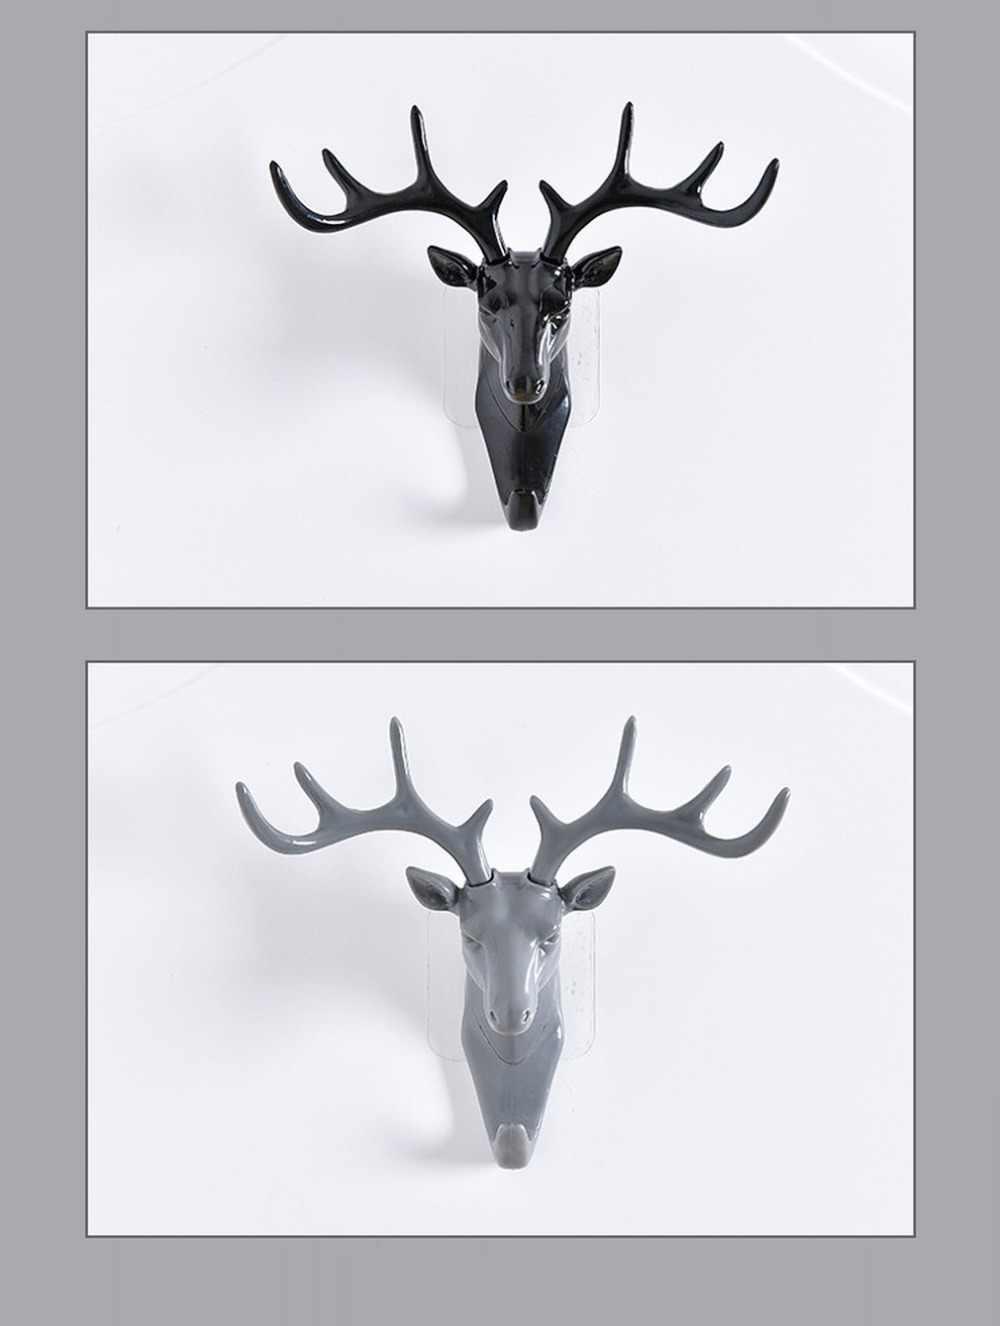 แขวนผนัง Hook VINTAGE Deer HEAD Antlers สำหรับแขวนเสื้อผ้าหมวกผ้าพันคอคีย์กวาง Horns แขวนผนังตกแต่ง